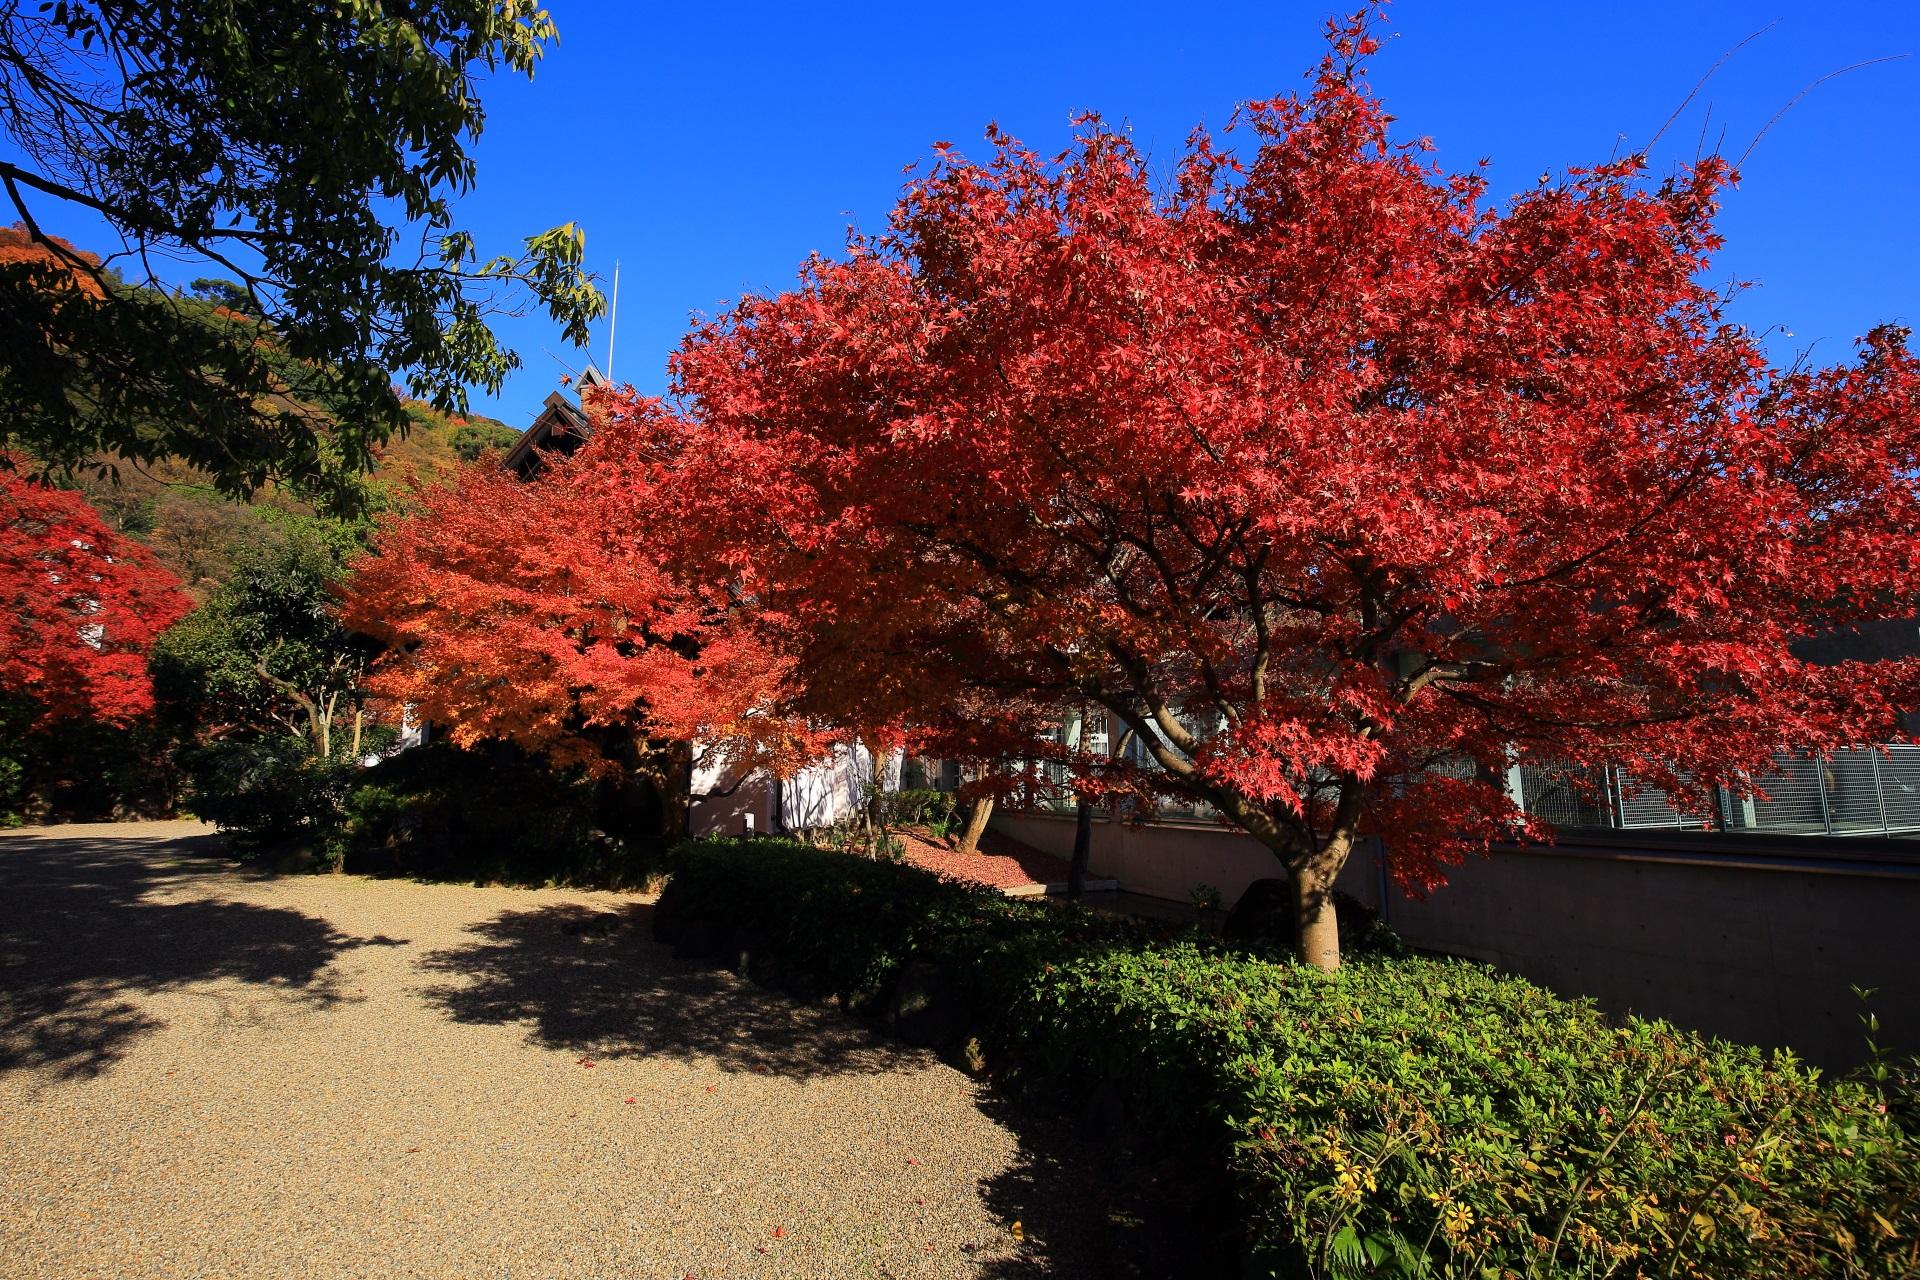 地中館と本館をつなぐ通路横の真っ赤な紅葉